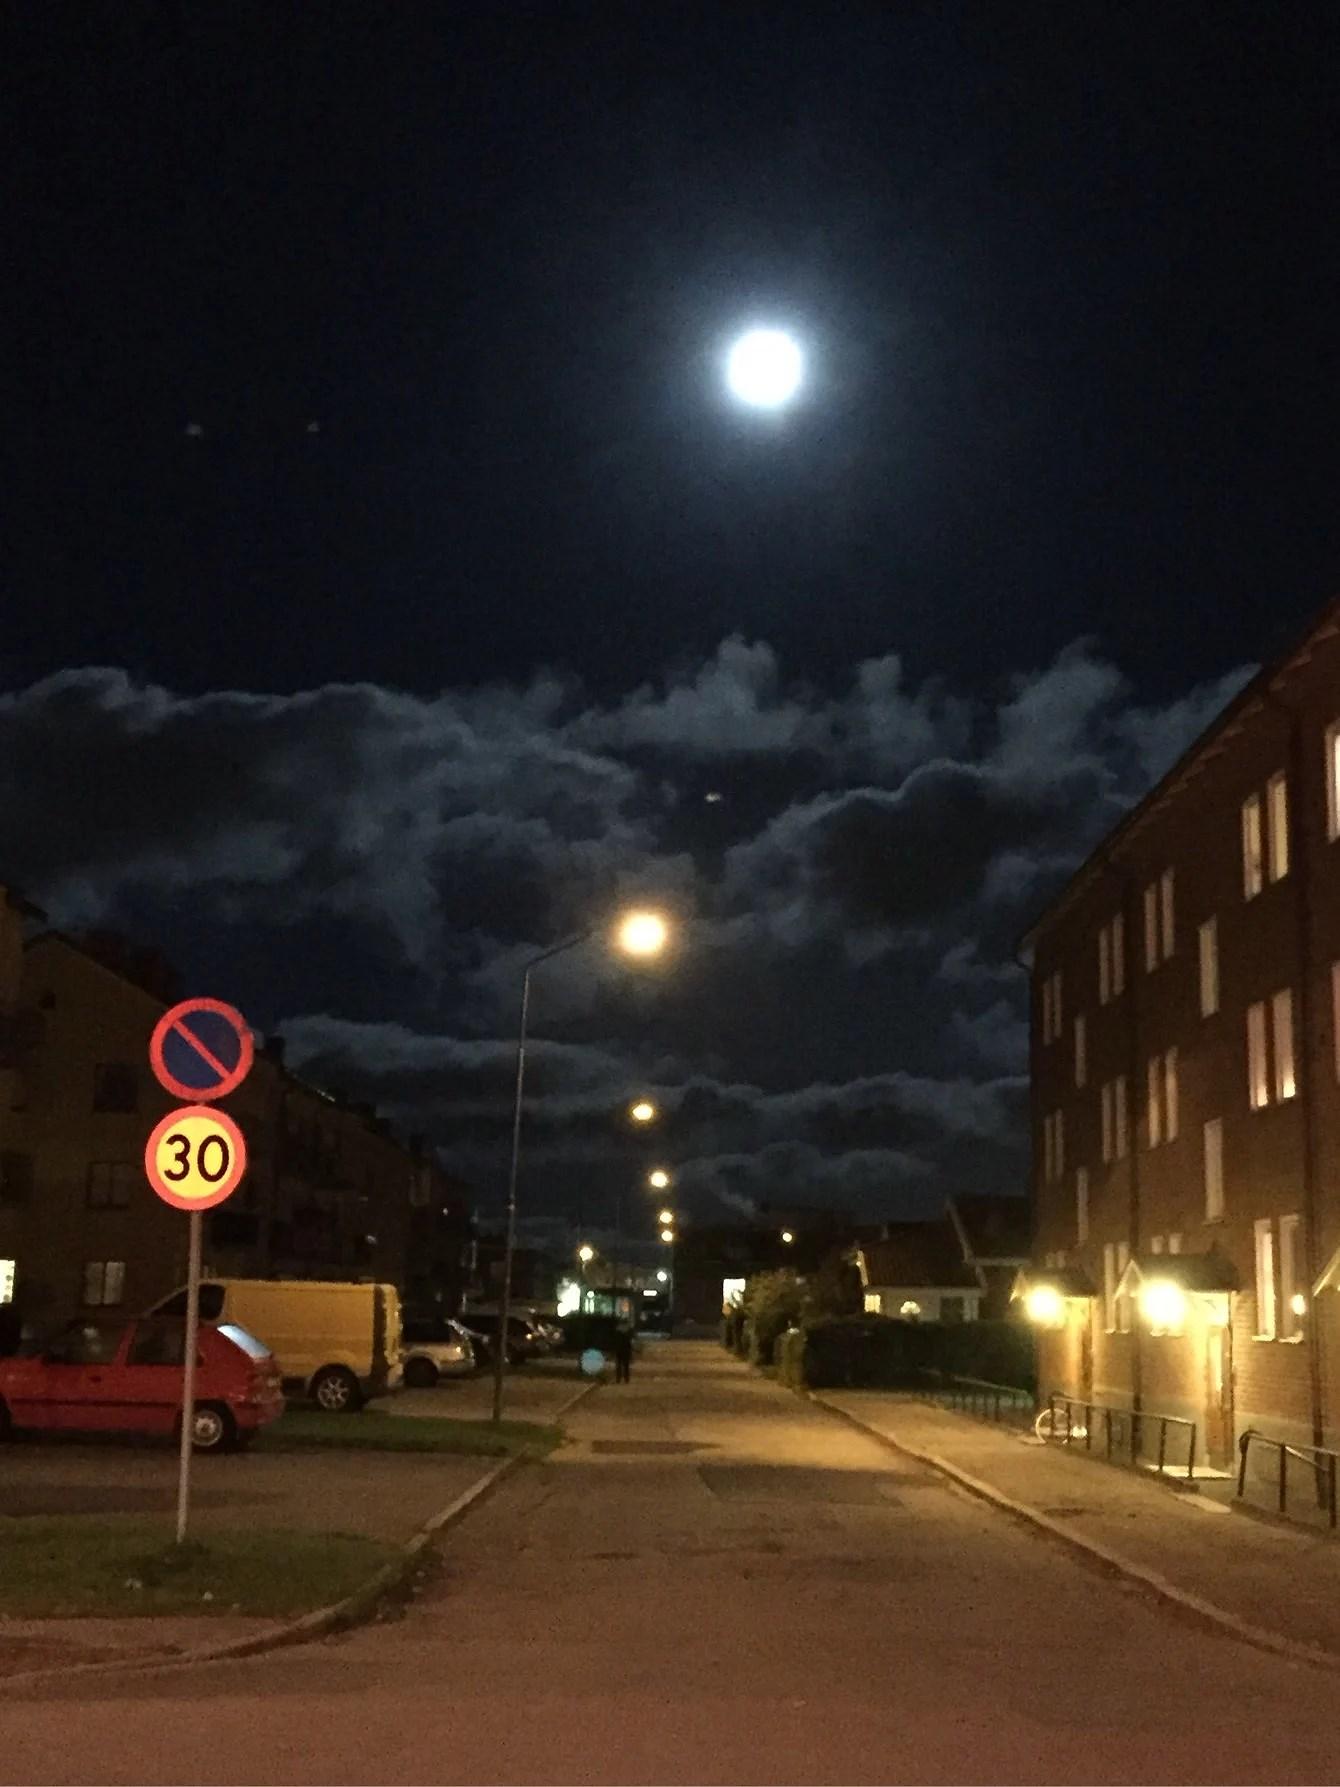 Himlen är oskyldigt svart